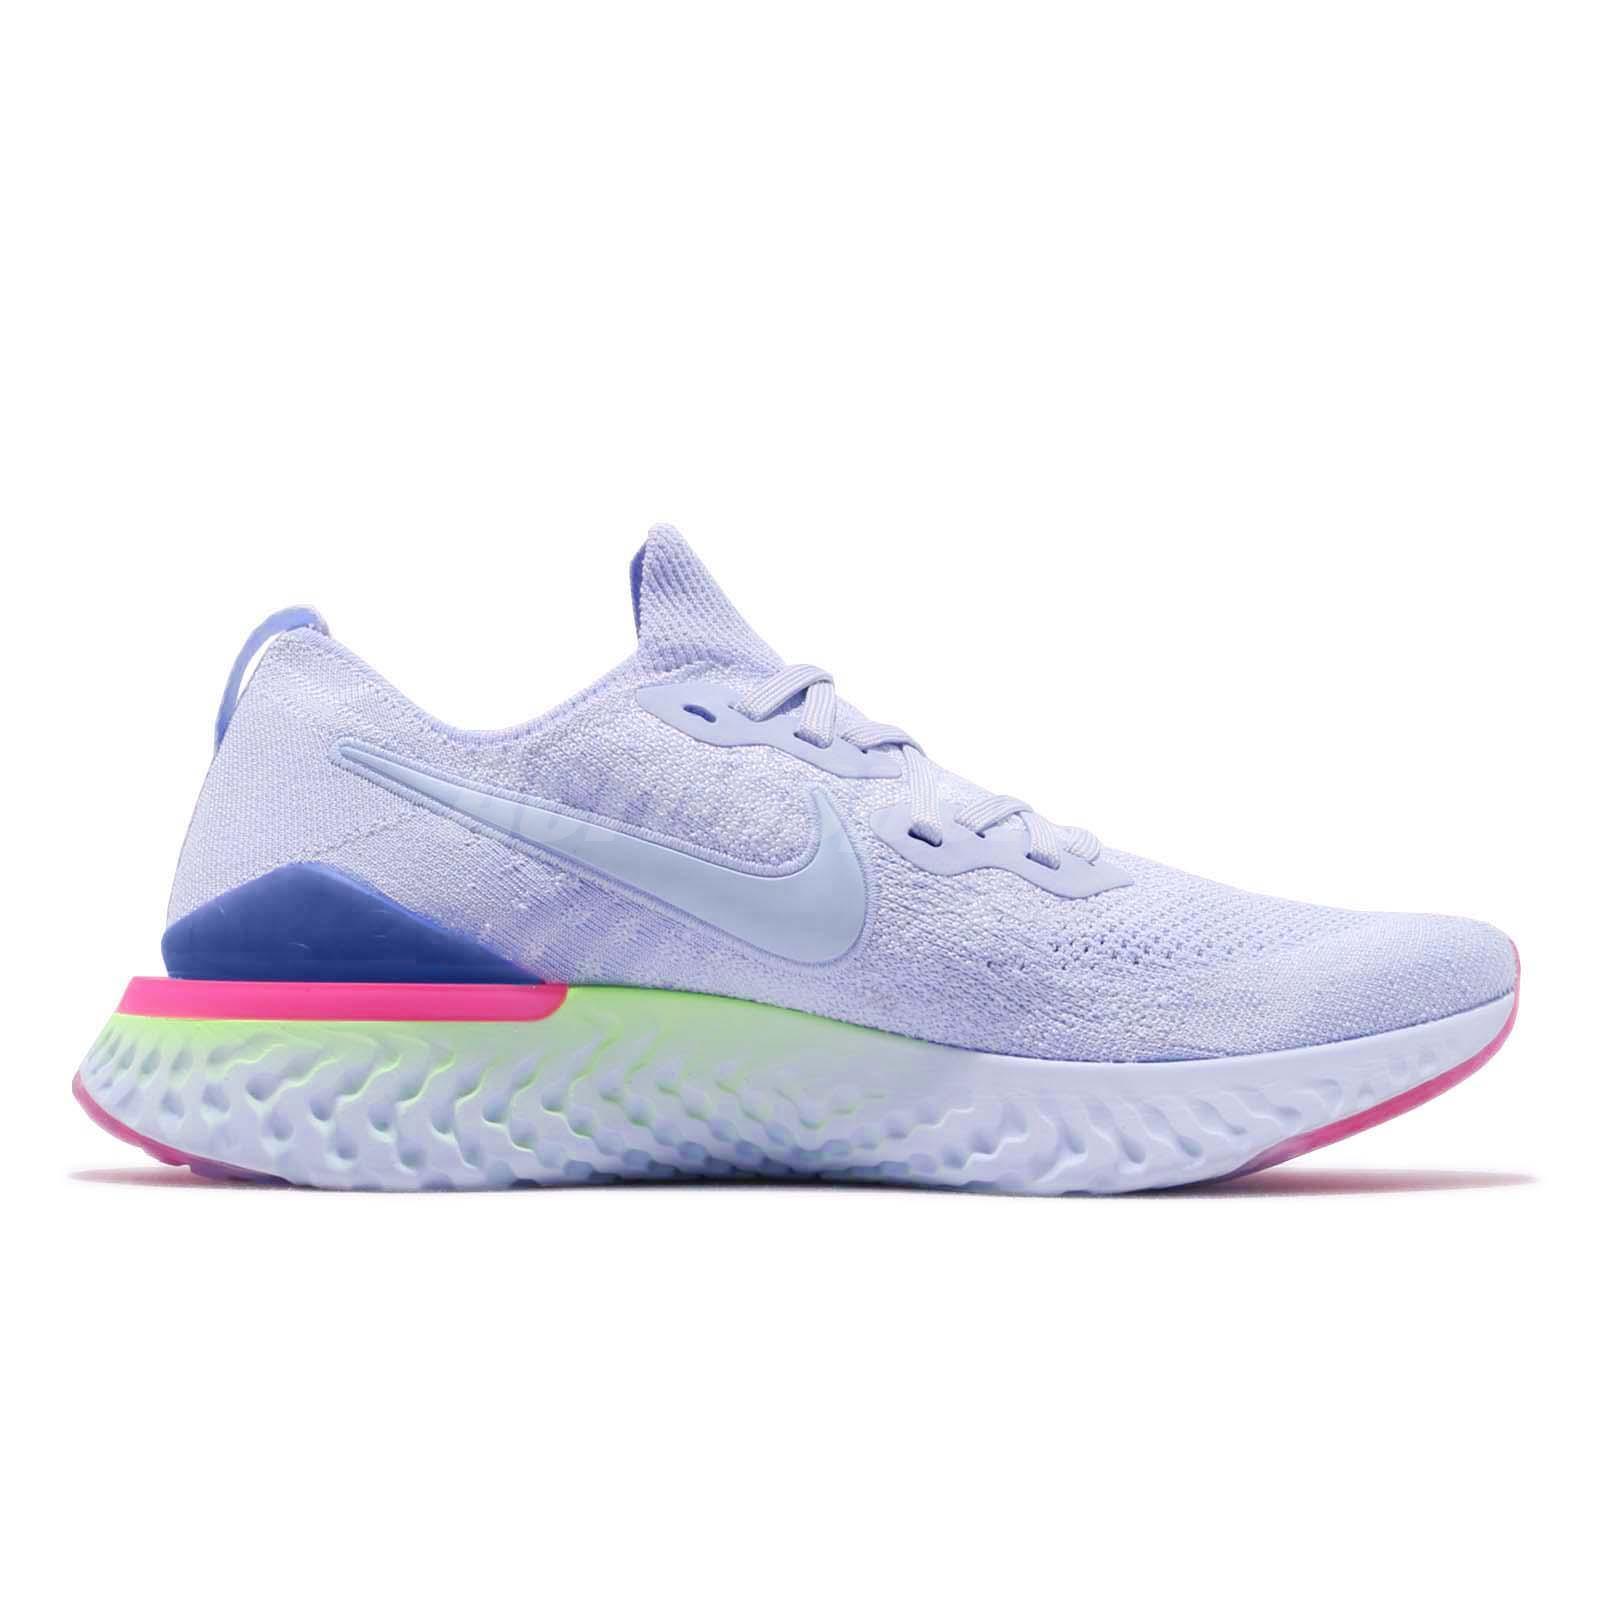 600dd0fad33 Nike Epic React Flyknit 2 II Hydrogen Blue Men Running Shoes ...